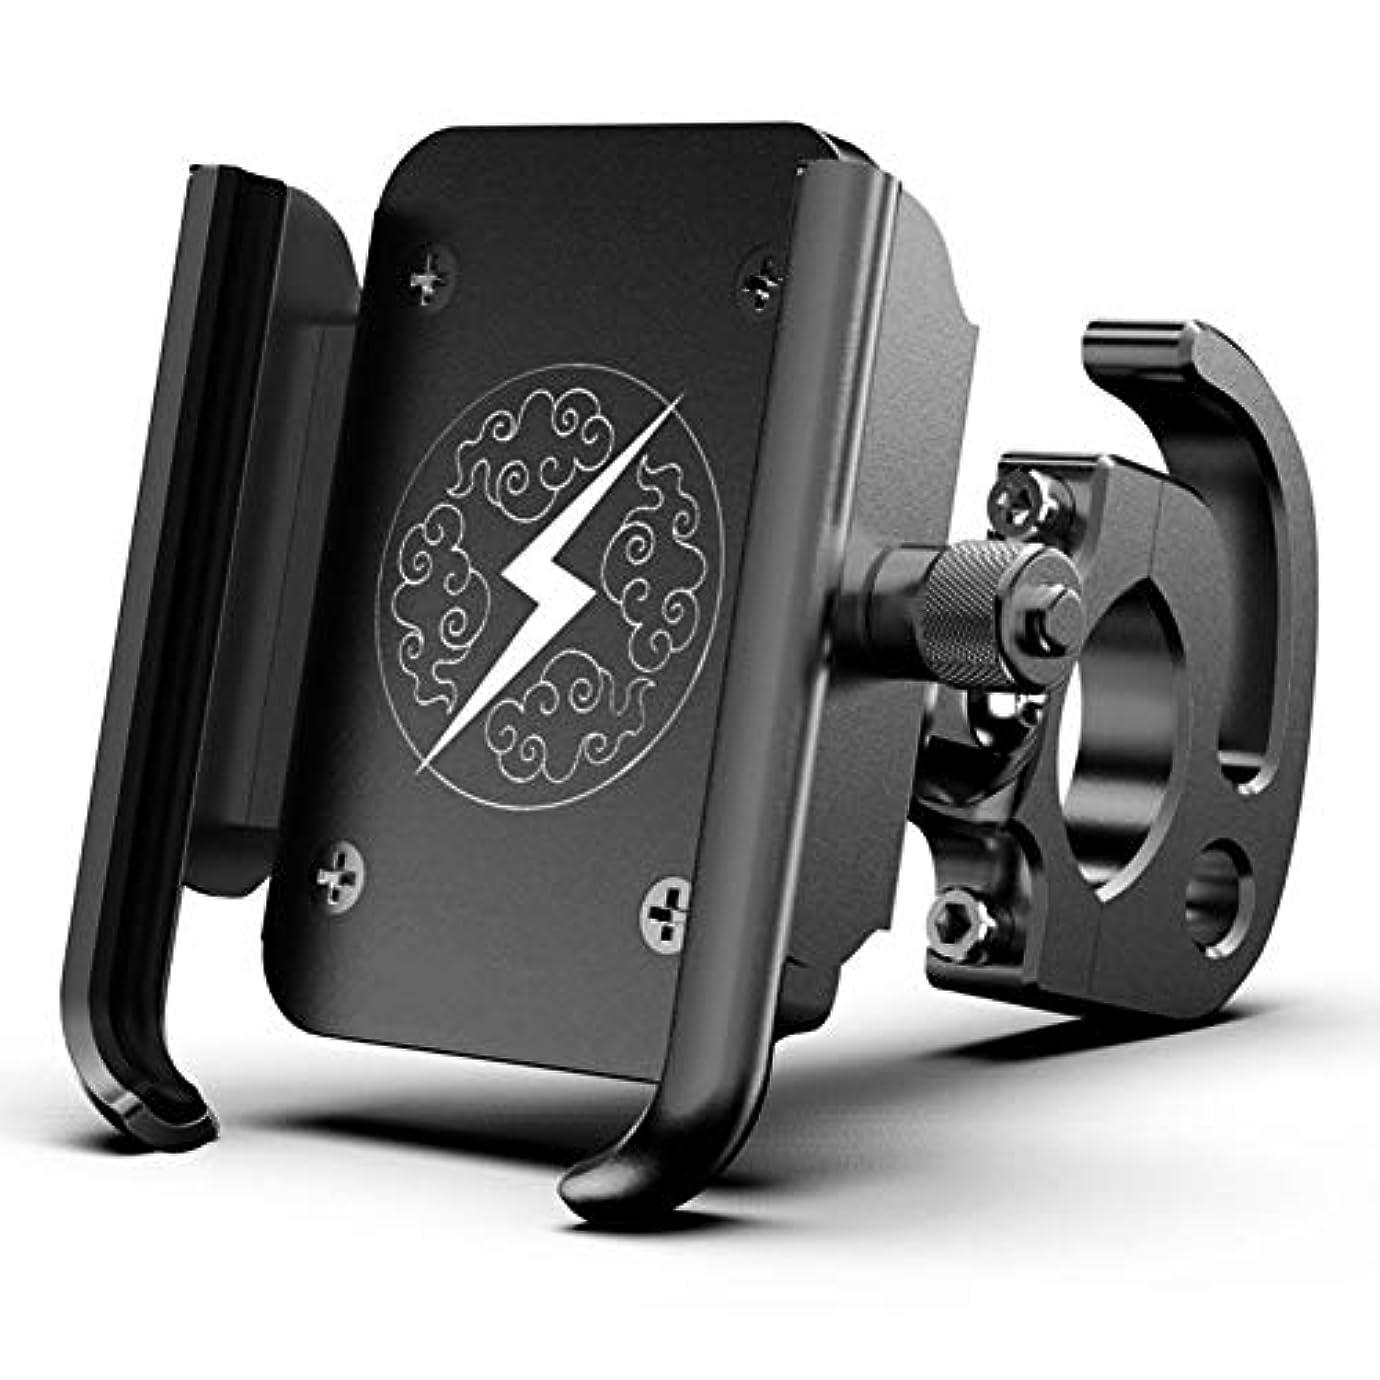 シミュレートするブレンド折自転車オートバイ携帯電話マウントホルダー - 360度回転 フック付きオートバイ車アルミニウム合金携帯電話ブラケット、あらゆるスマートフォンGPS用 - ユニバーサルマウンテンロードバイクオートバイ